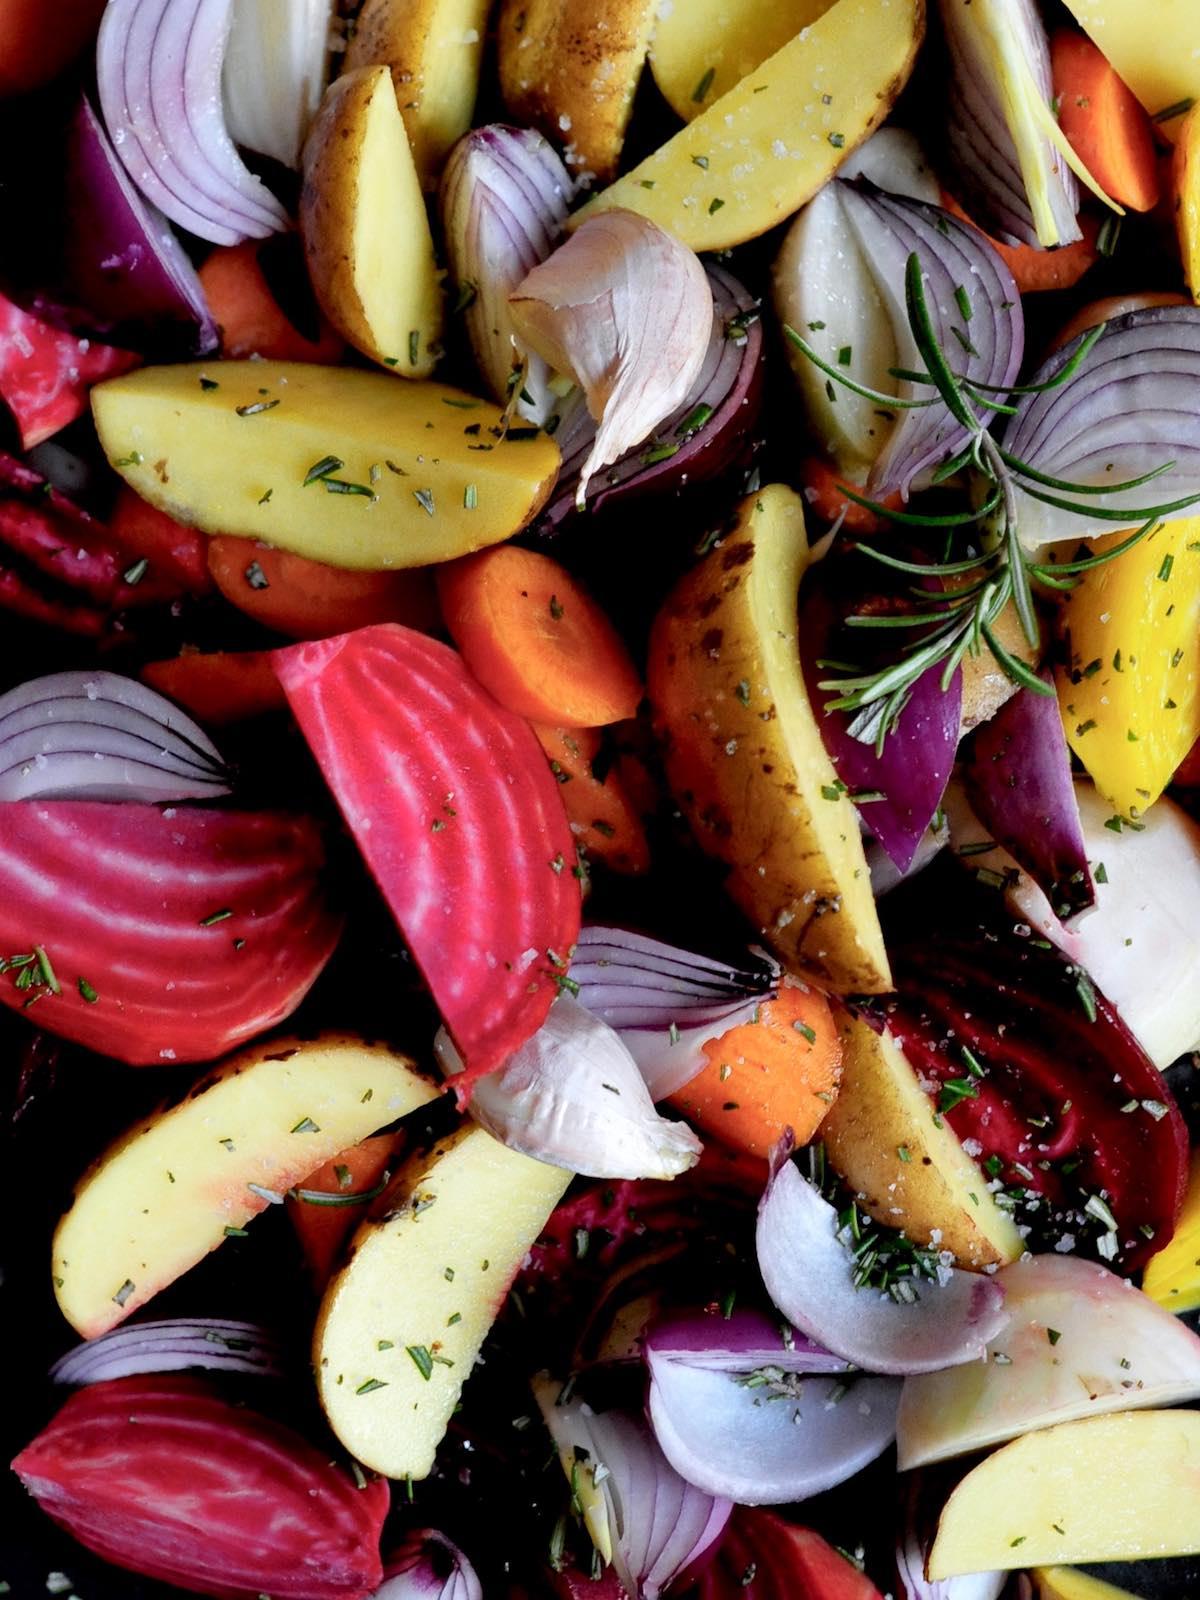 Geschnittenes Gemüse mit Kapern, roter Beete, Kartoffeln, Möhren, Zwiebeln, Spinat